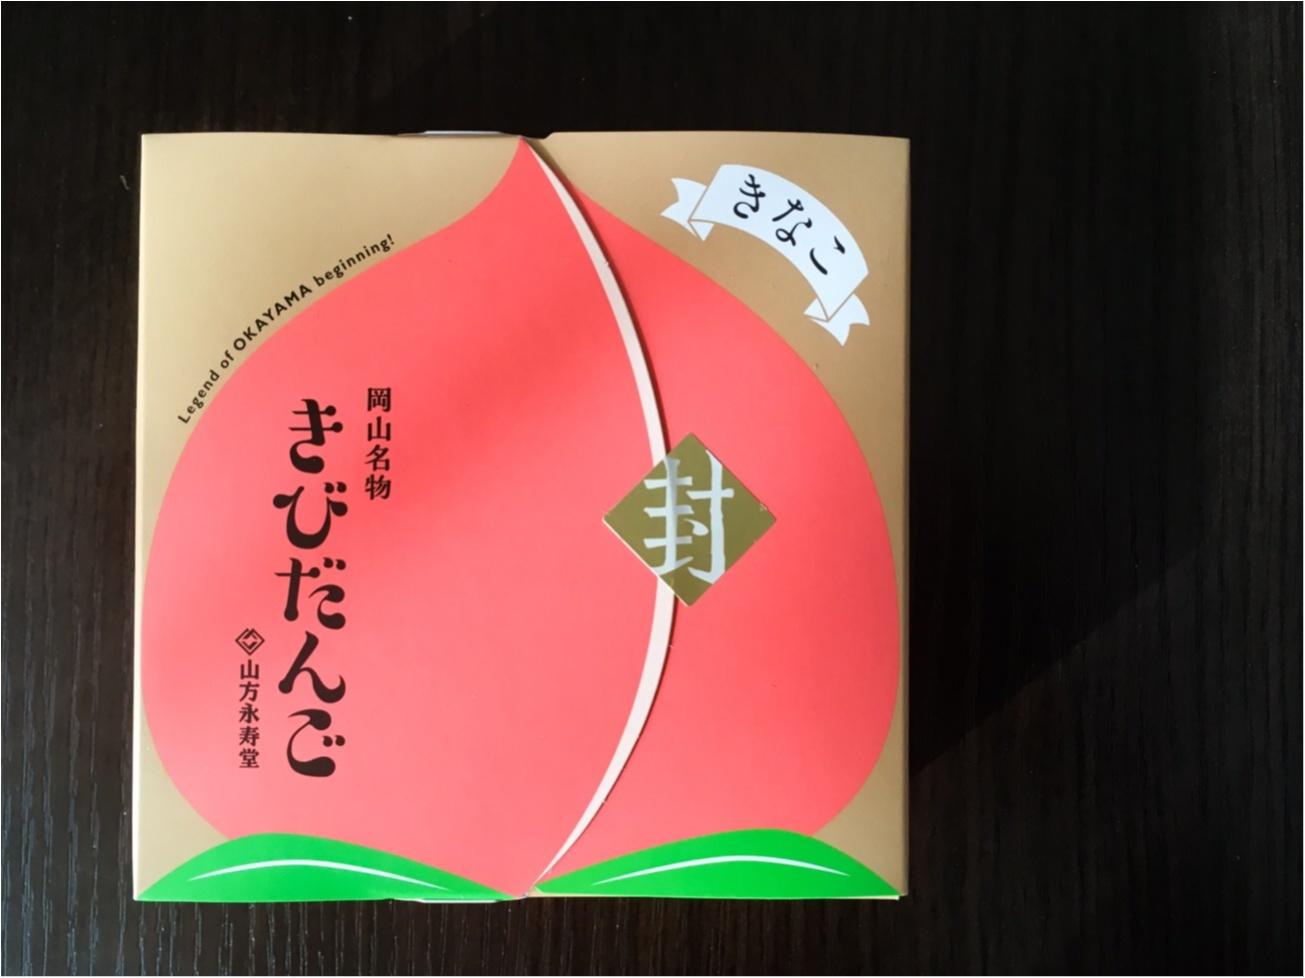 【マストBUY★岡山土産ならコレ!】まるで絵本?!あの桃太郎モチーフのお菓子にカワイイが止まらない❁_1